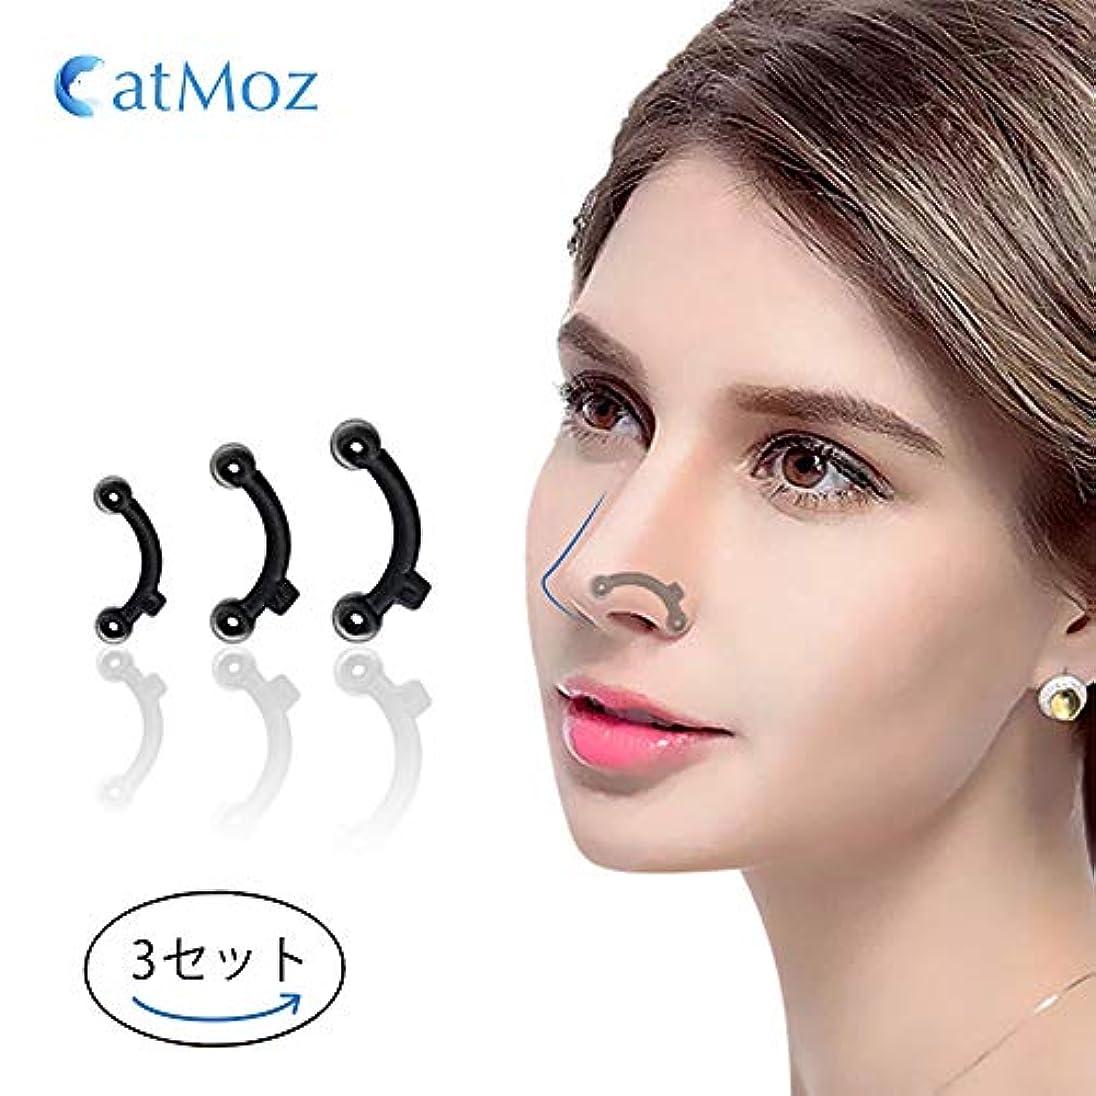 承知しました不純滅多鼻プチ 柔軟性高く ハナのアイプチ CatMoz ビューティー正規品 矯正プチ 整形せず 23mm/24.5mm/26mm全3サイズセット